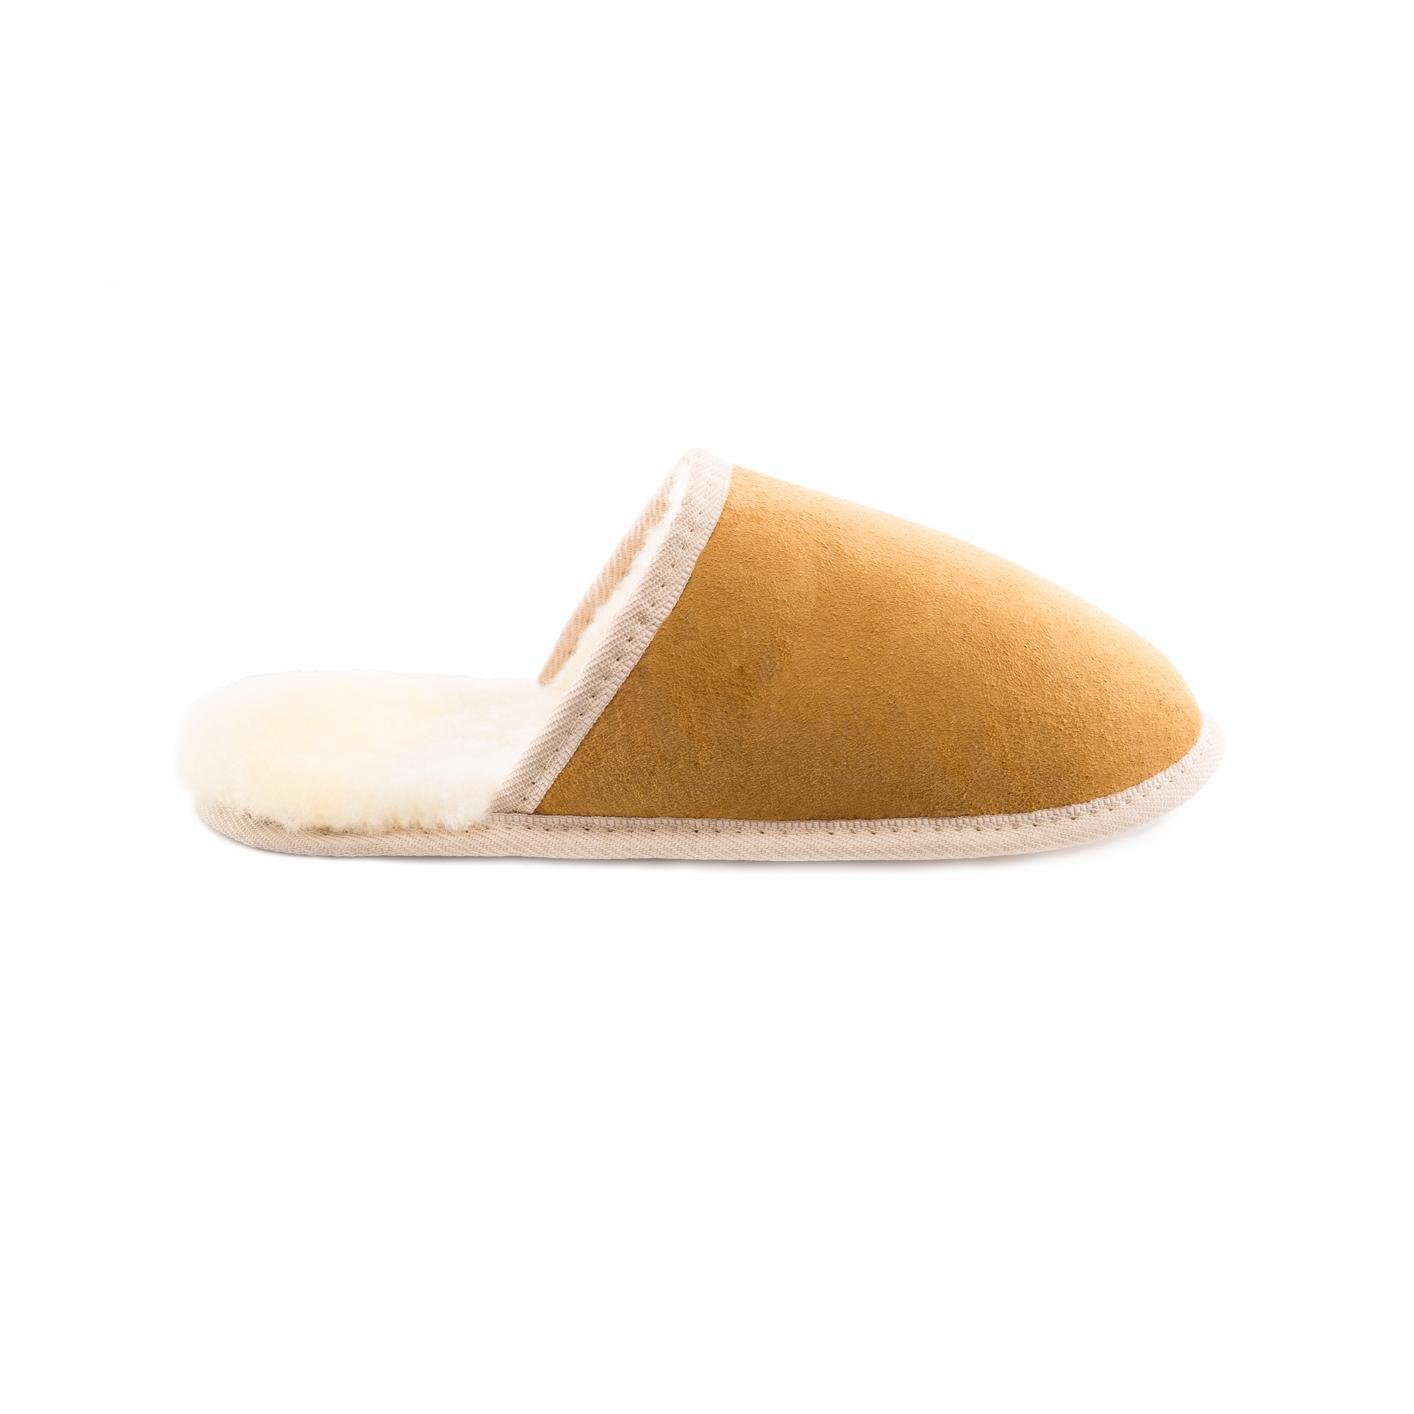 Woola soft sole indoor slipper sheepskin natural